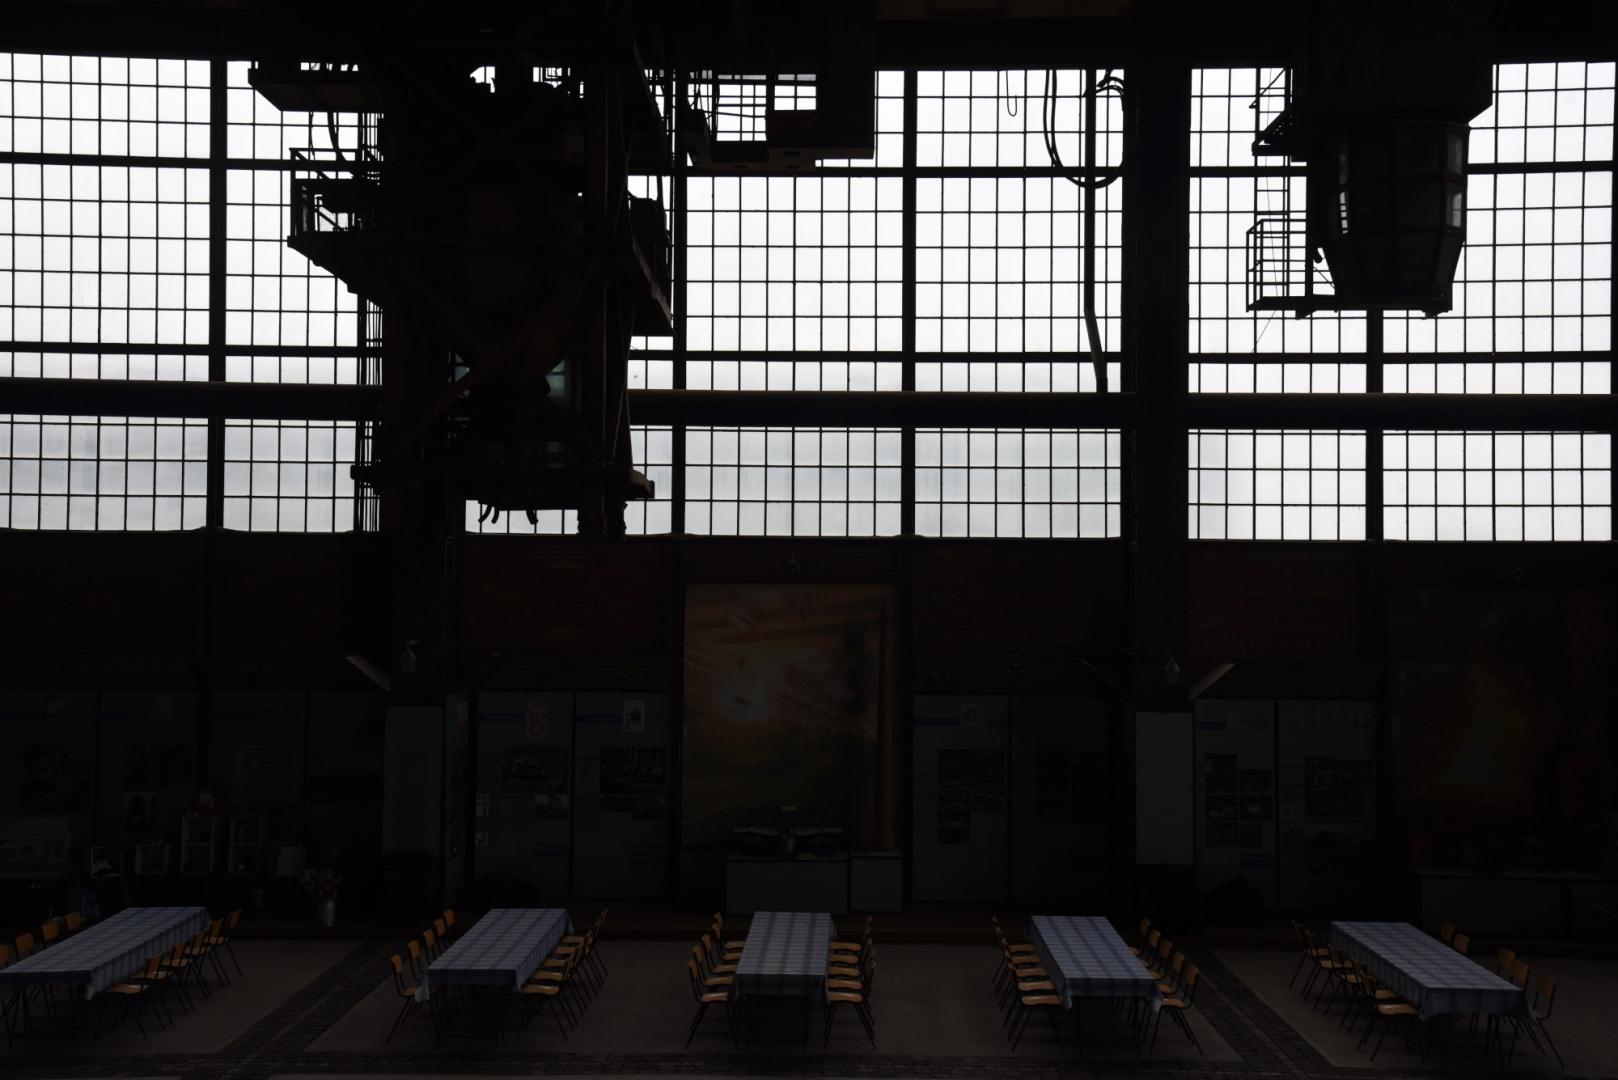 Бранденбургский промышленный музей (Industriemuseum Brandenburg an der Havel). Металлургический завод, производивший в год около 2,3 миллиона тонн стали, был крупнейшим в ГДР. В 1970-х насчитывал 12 мартеновских печей и более чем 10 000 сотрудников